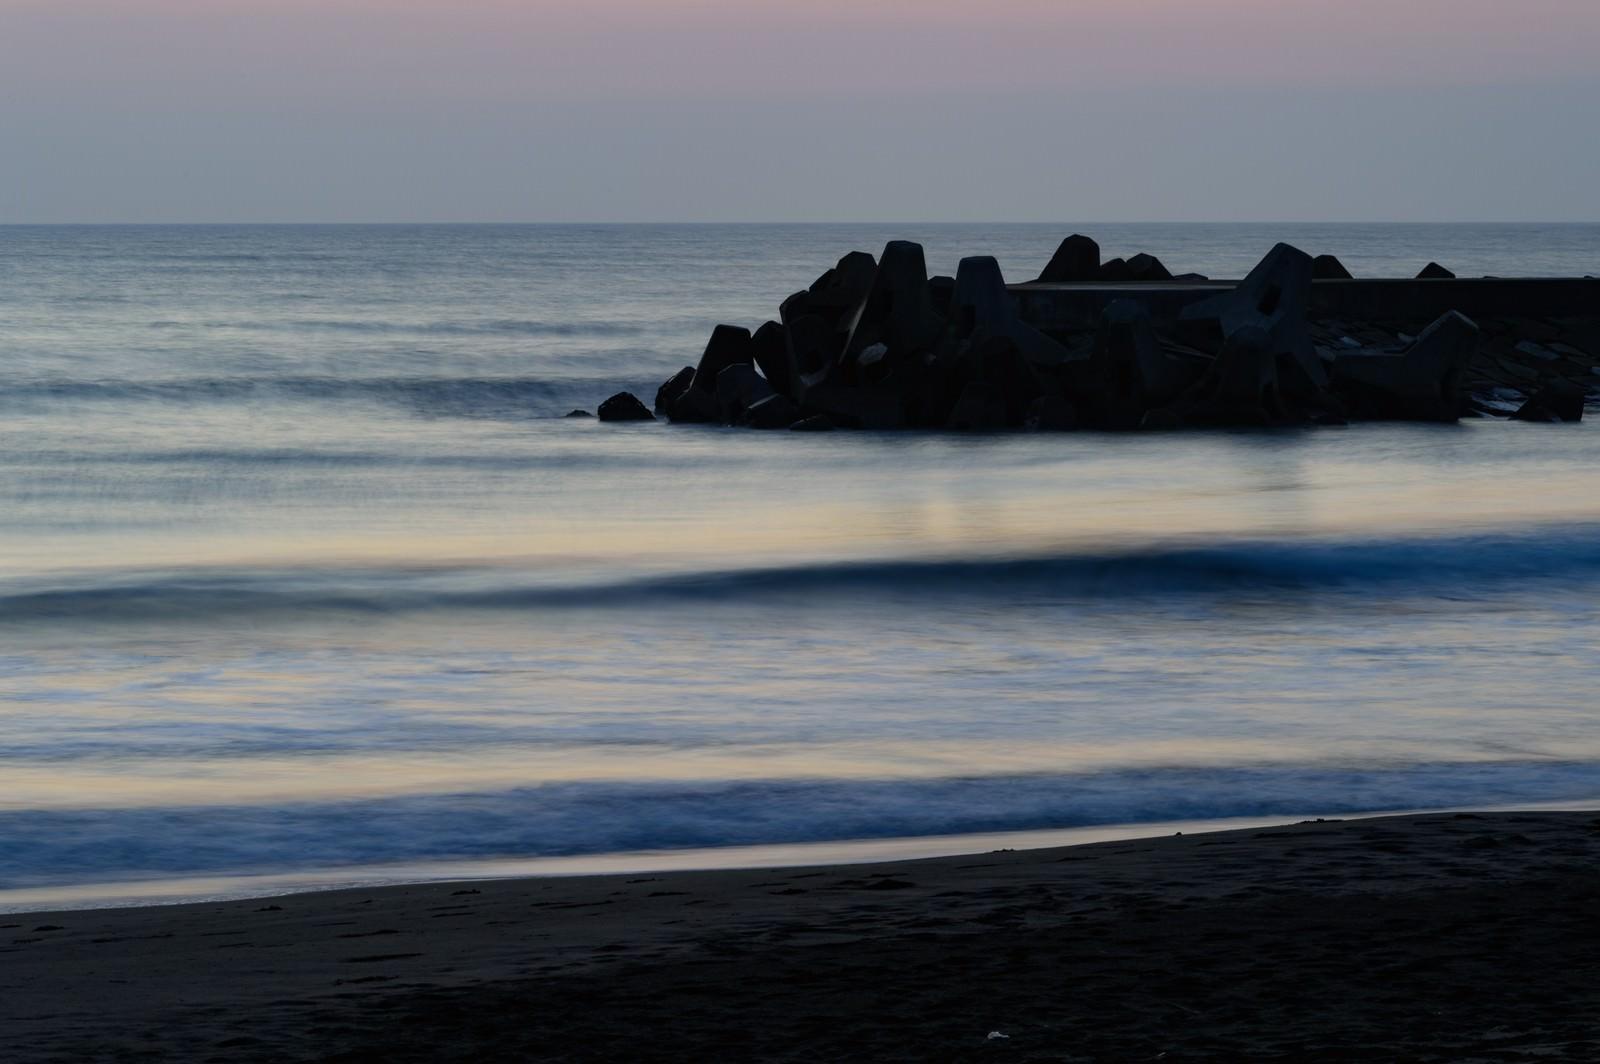 「静寂に包まれる一宮海岸と波消しブロック」の写真